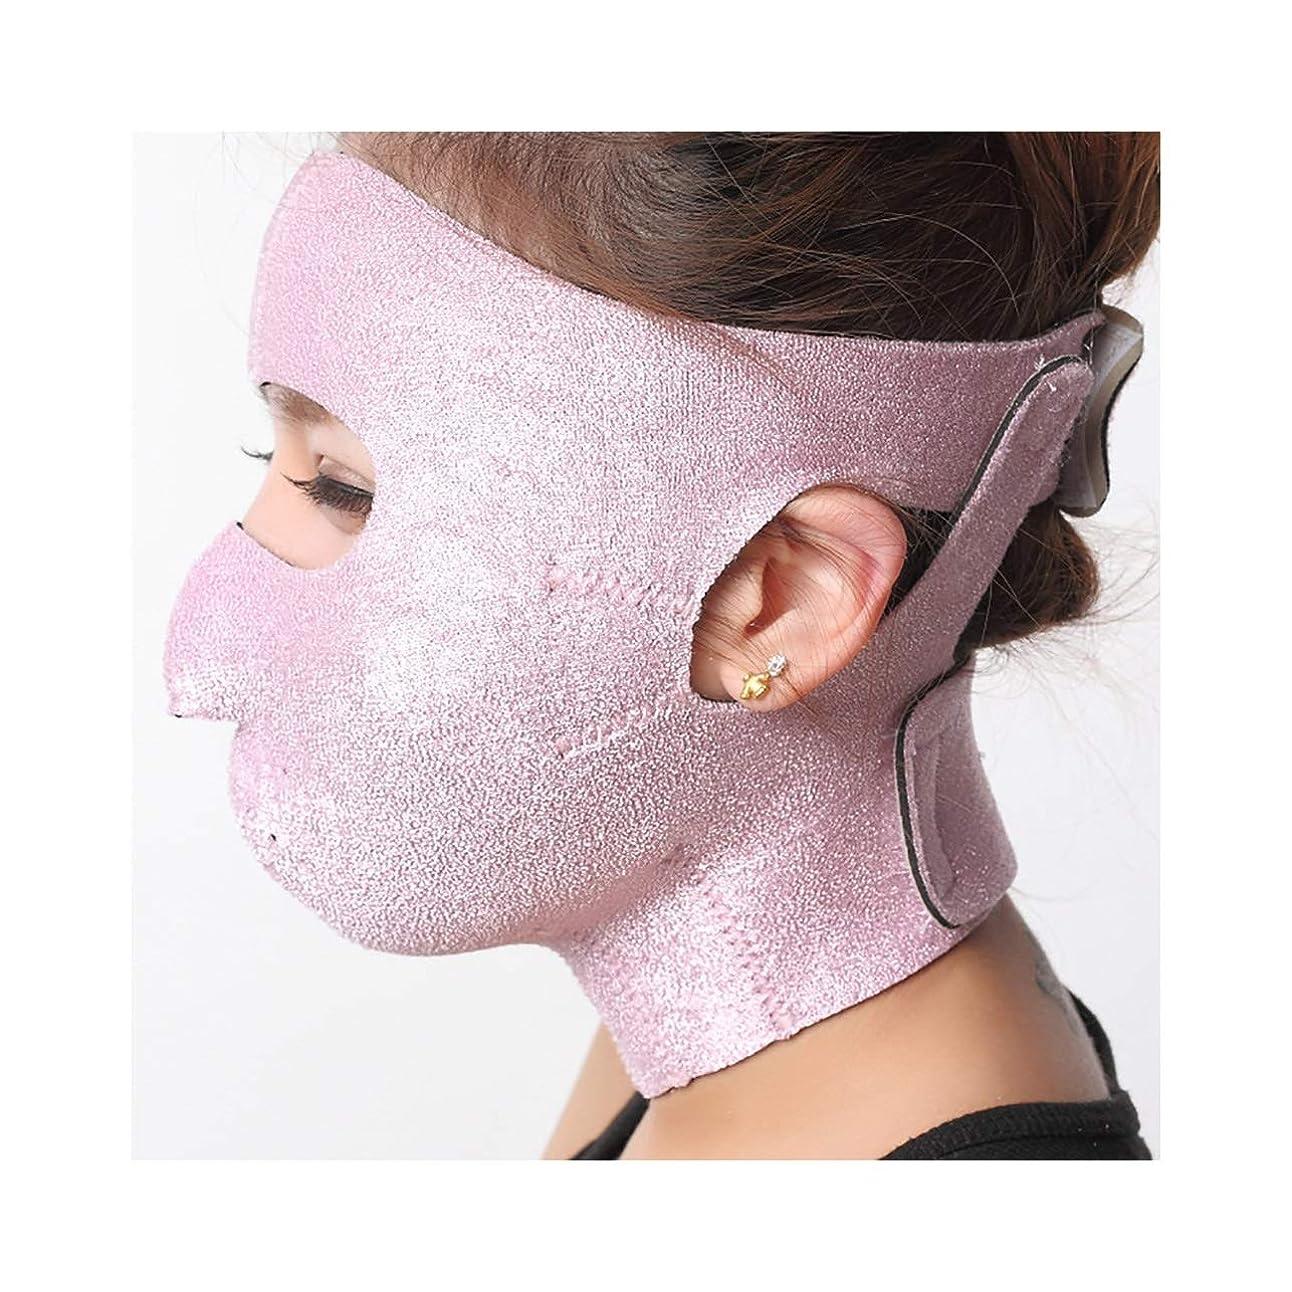 暗黙英語の授業があります悲劇的なTLMY 引き締めマスク小さなVフェイスアーティファクト睡眠薄いフェイス包帯マスクと引き締めマスク引き締めクリームフェイスリフトフェイスメロン 顔用整形マスク